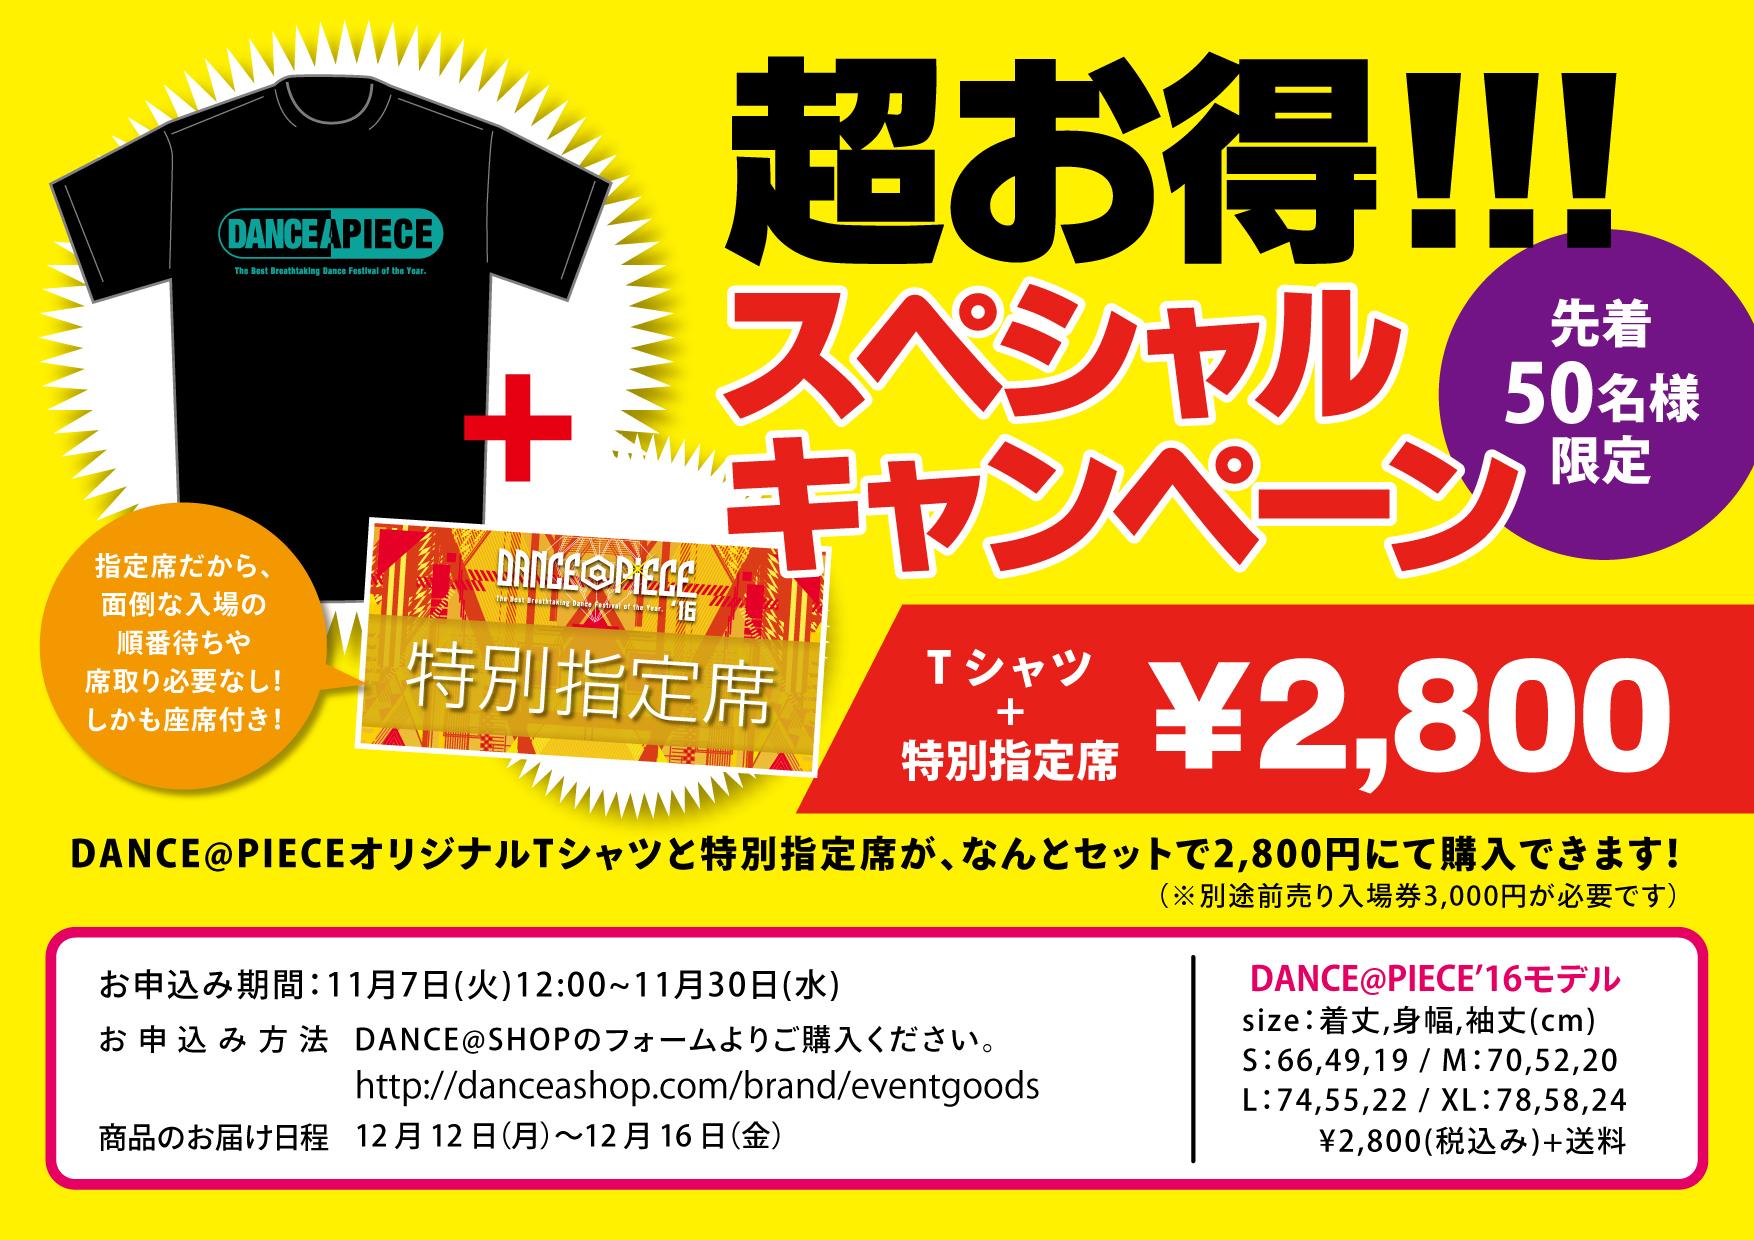 「DANCE@PIECE」を特別席で鑑賞!スペシャルキャンペーン実施!